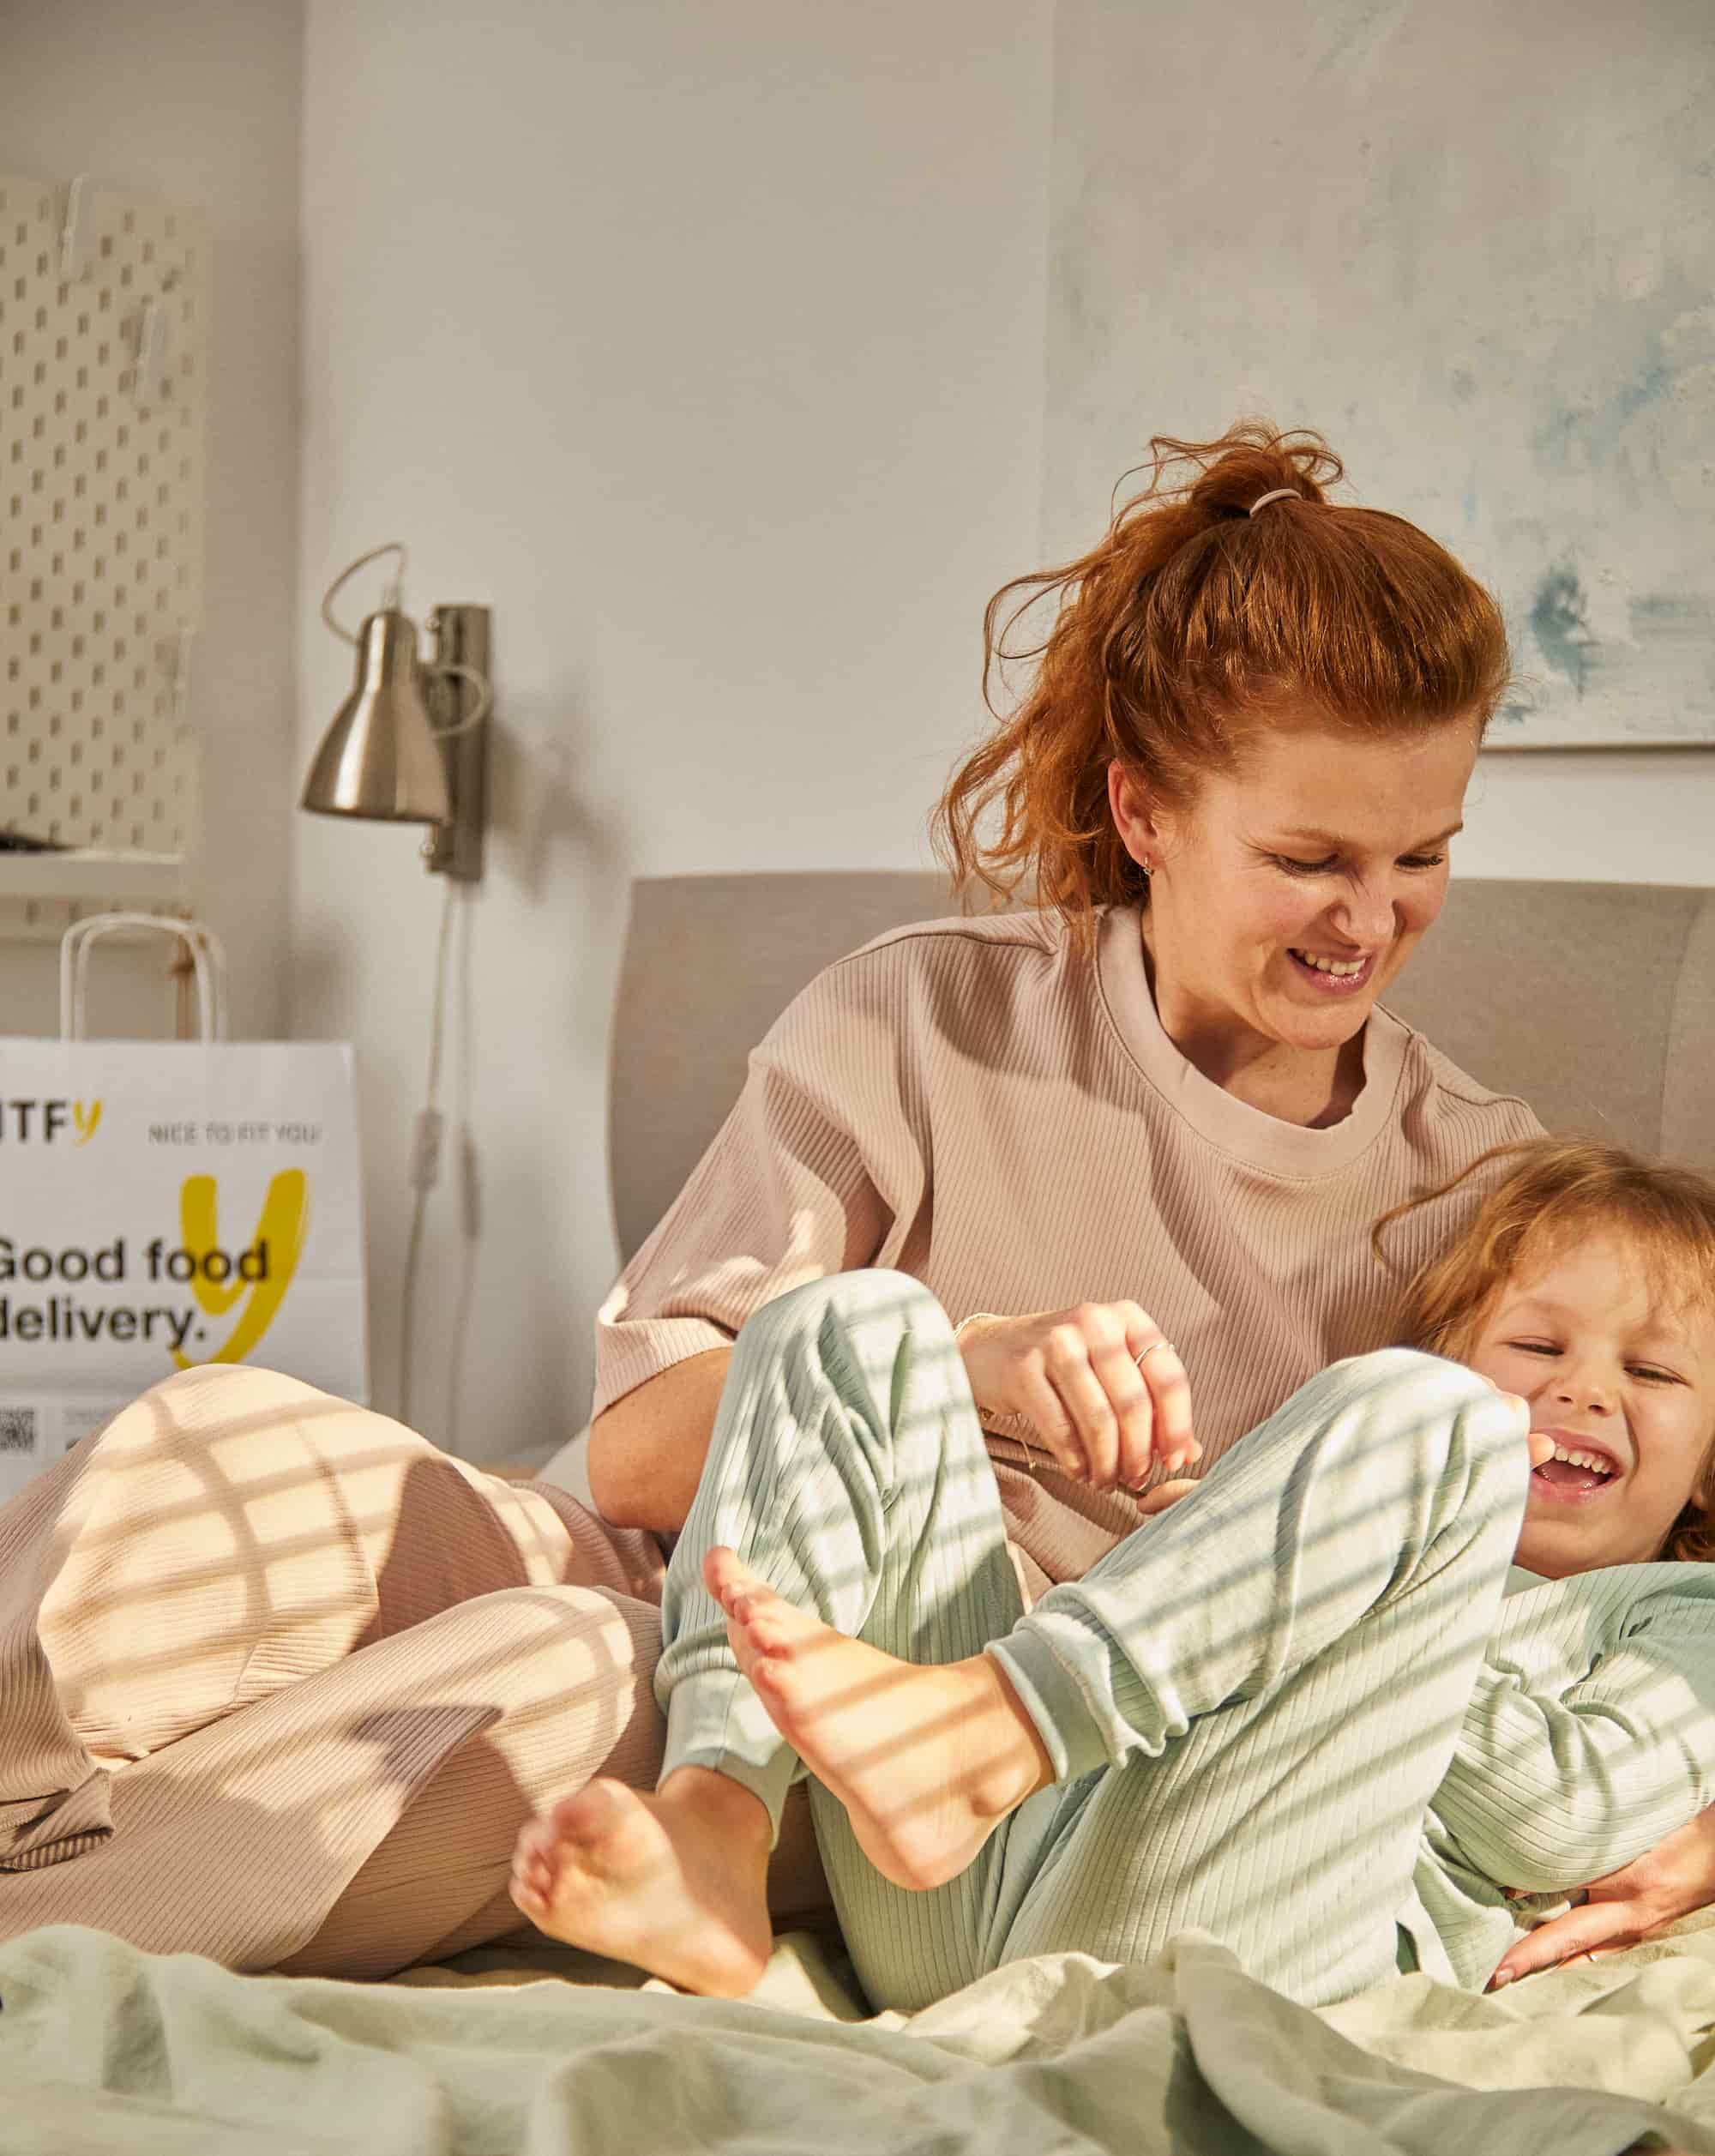 torba cateringu ntfy mama bawi sięz synkiem w łóżku torba ntfy